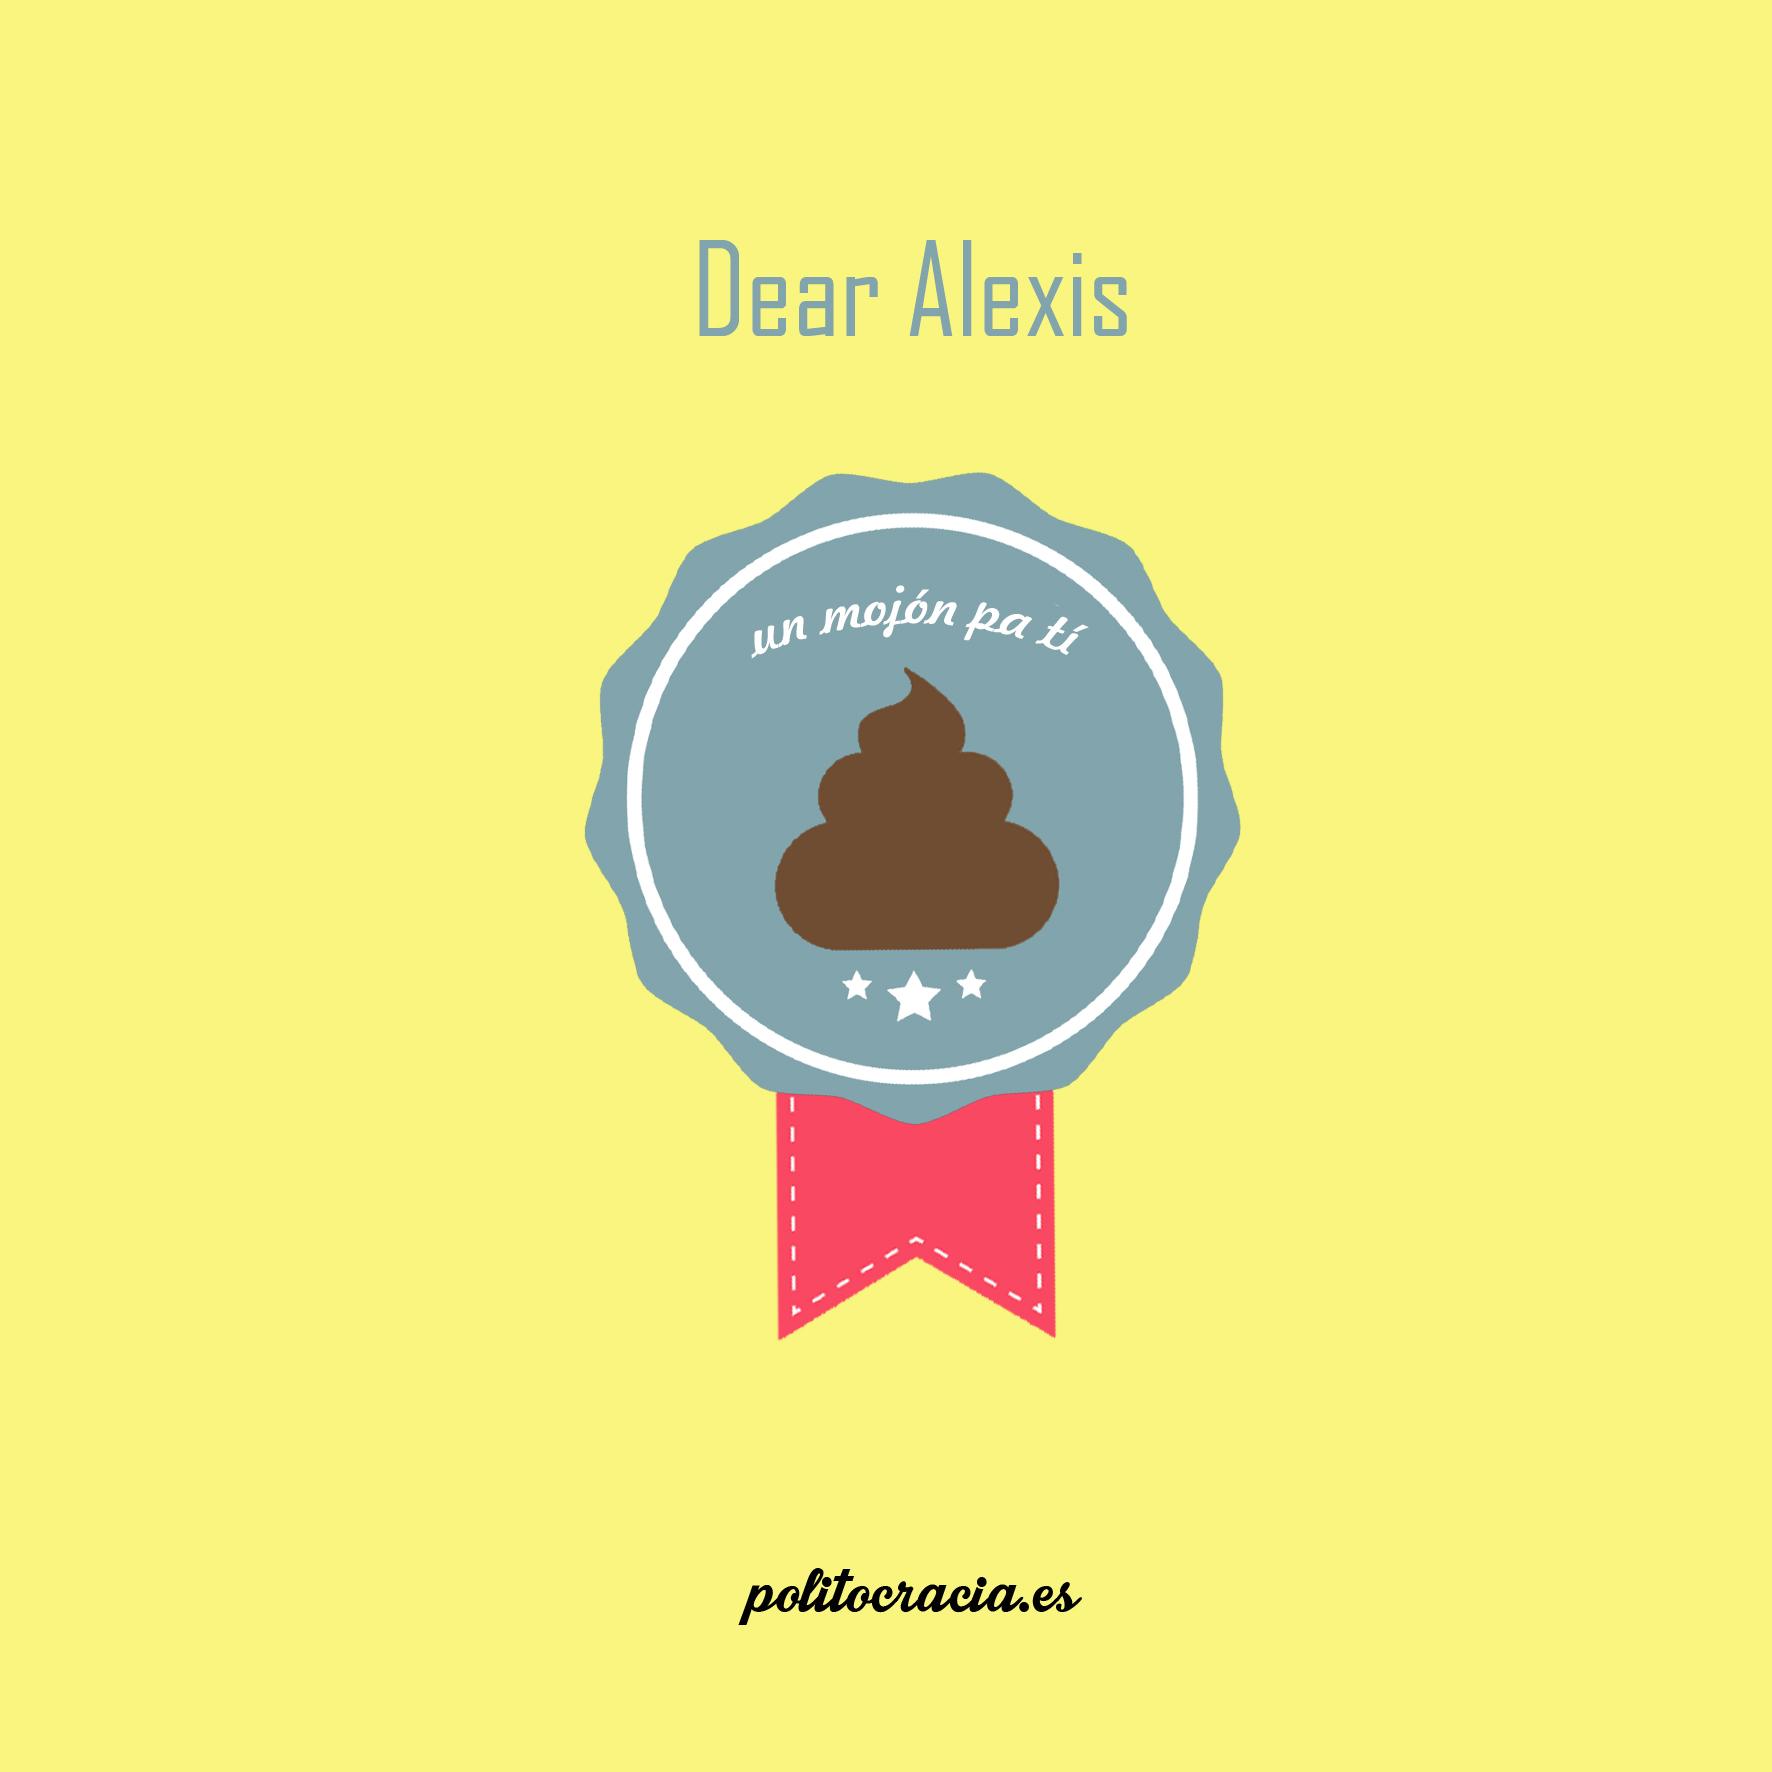 dear alexis